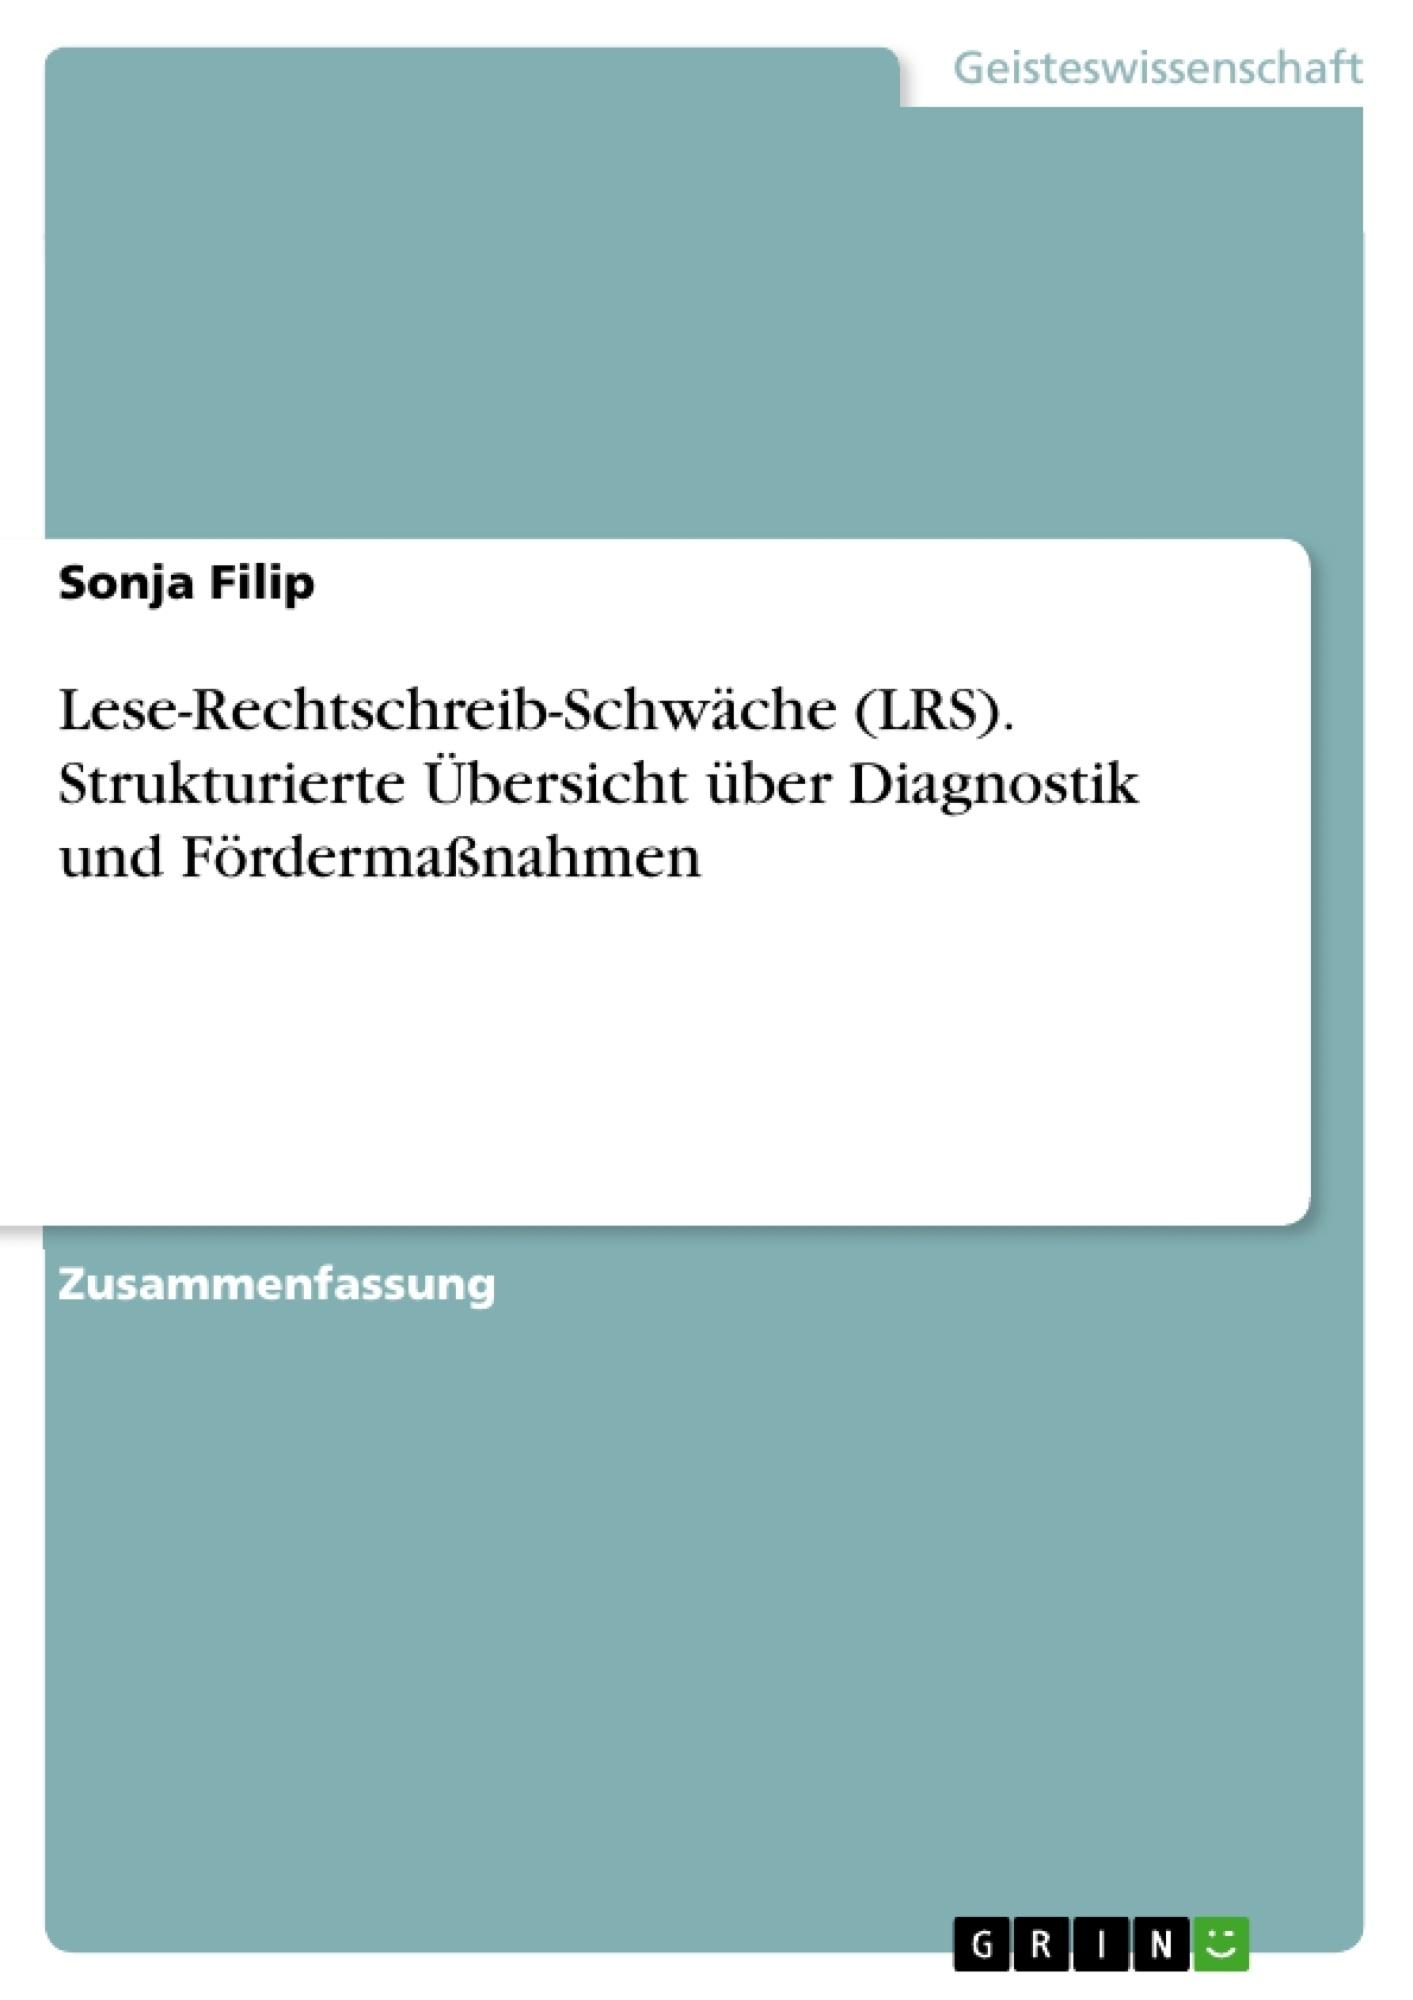 Titel: Lese-Rechtschreib-Schwäche (LRS). Strukturierte Übersicht über Diagnostik und Fördermaßnahmen